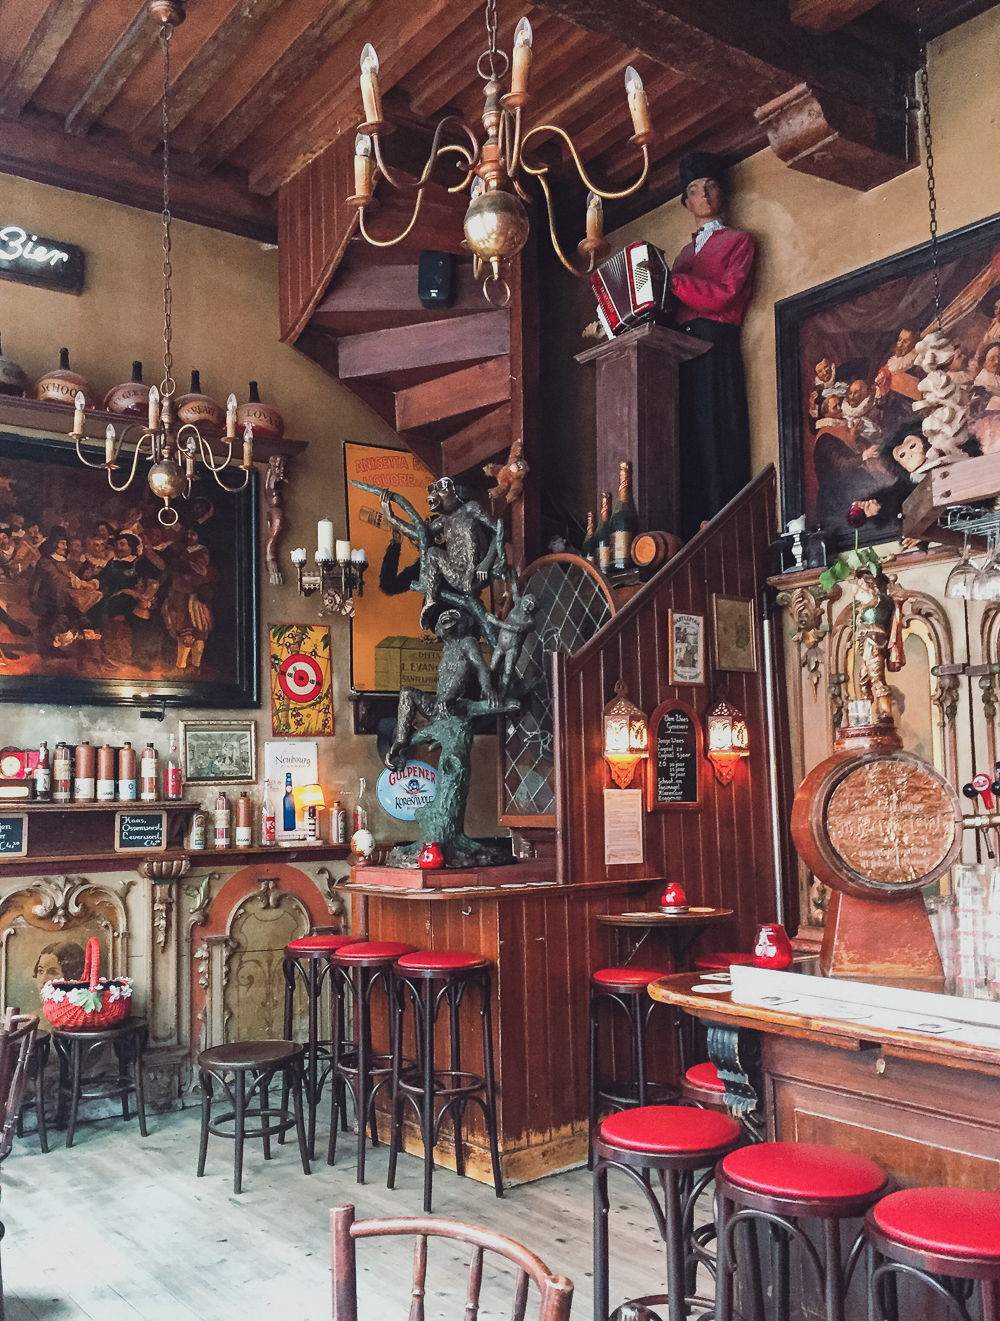 In't Aepjen, or Monkey Bar, Amsterdam, Netherlands